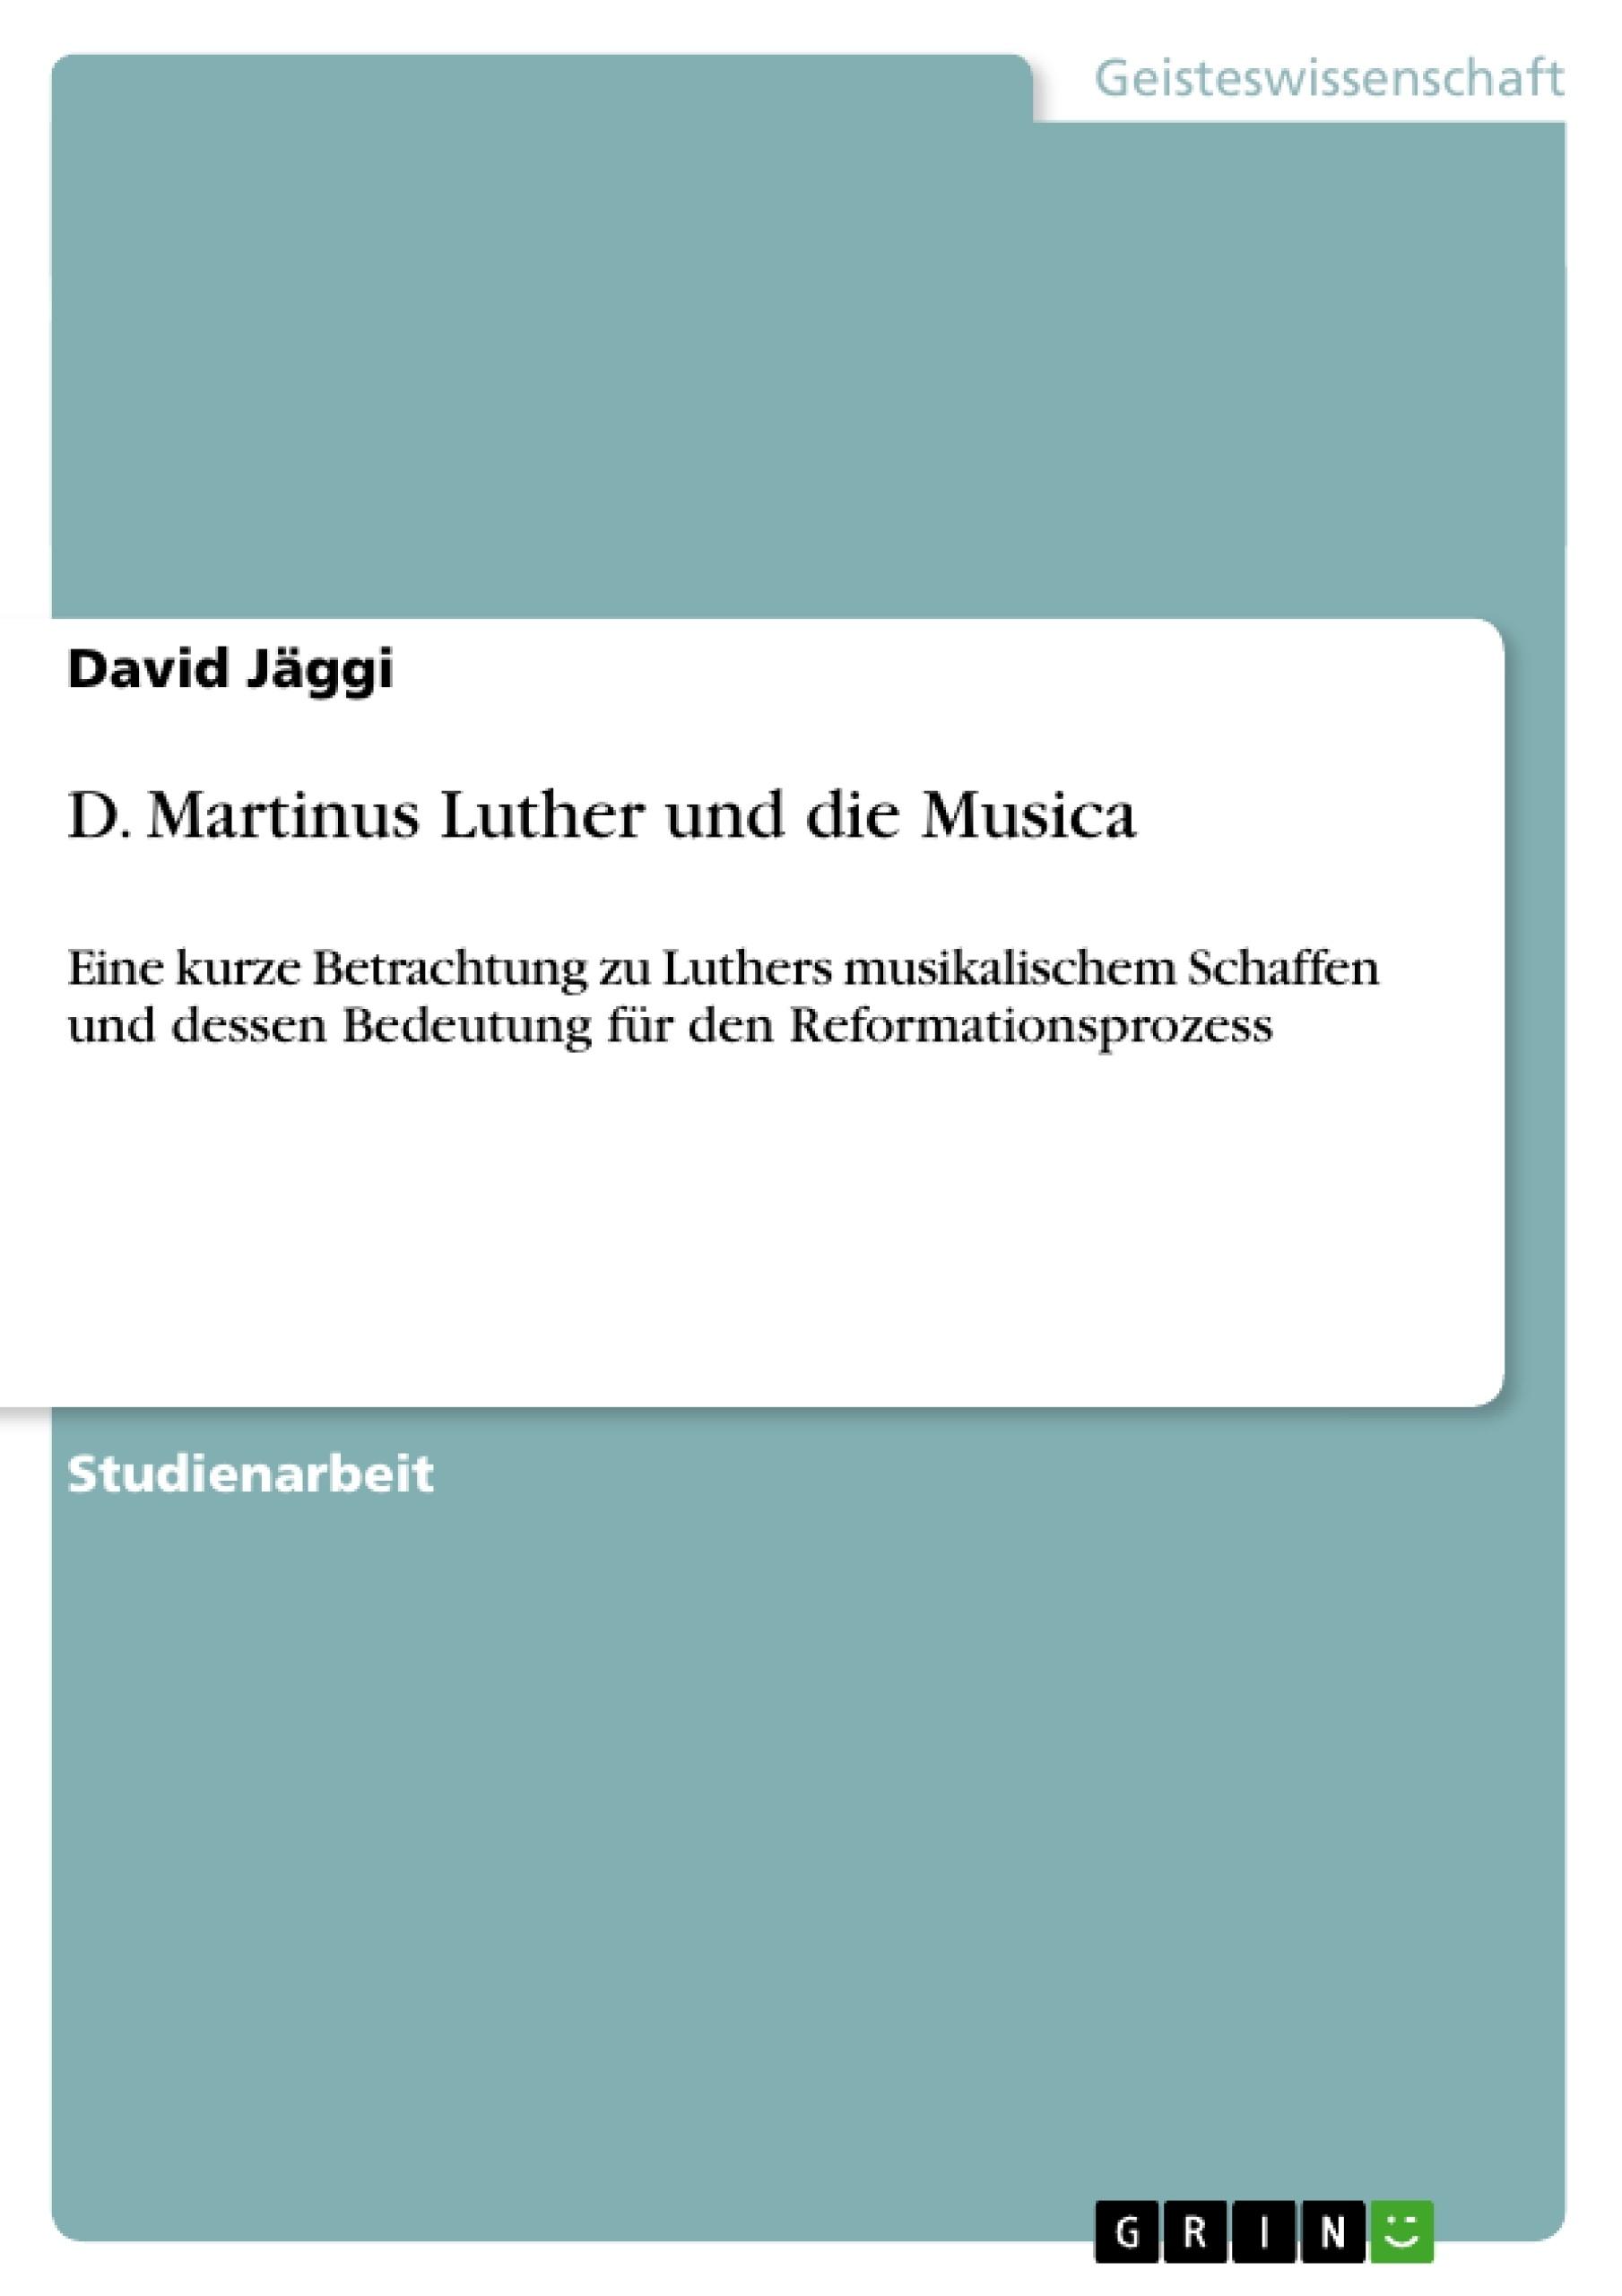 Titel: D. Martinus Luther und die Musica